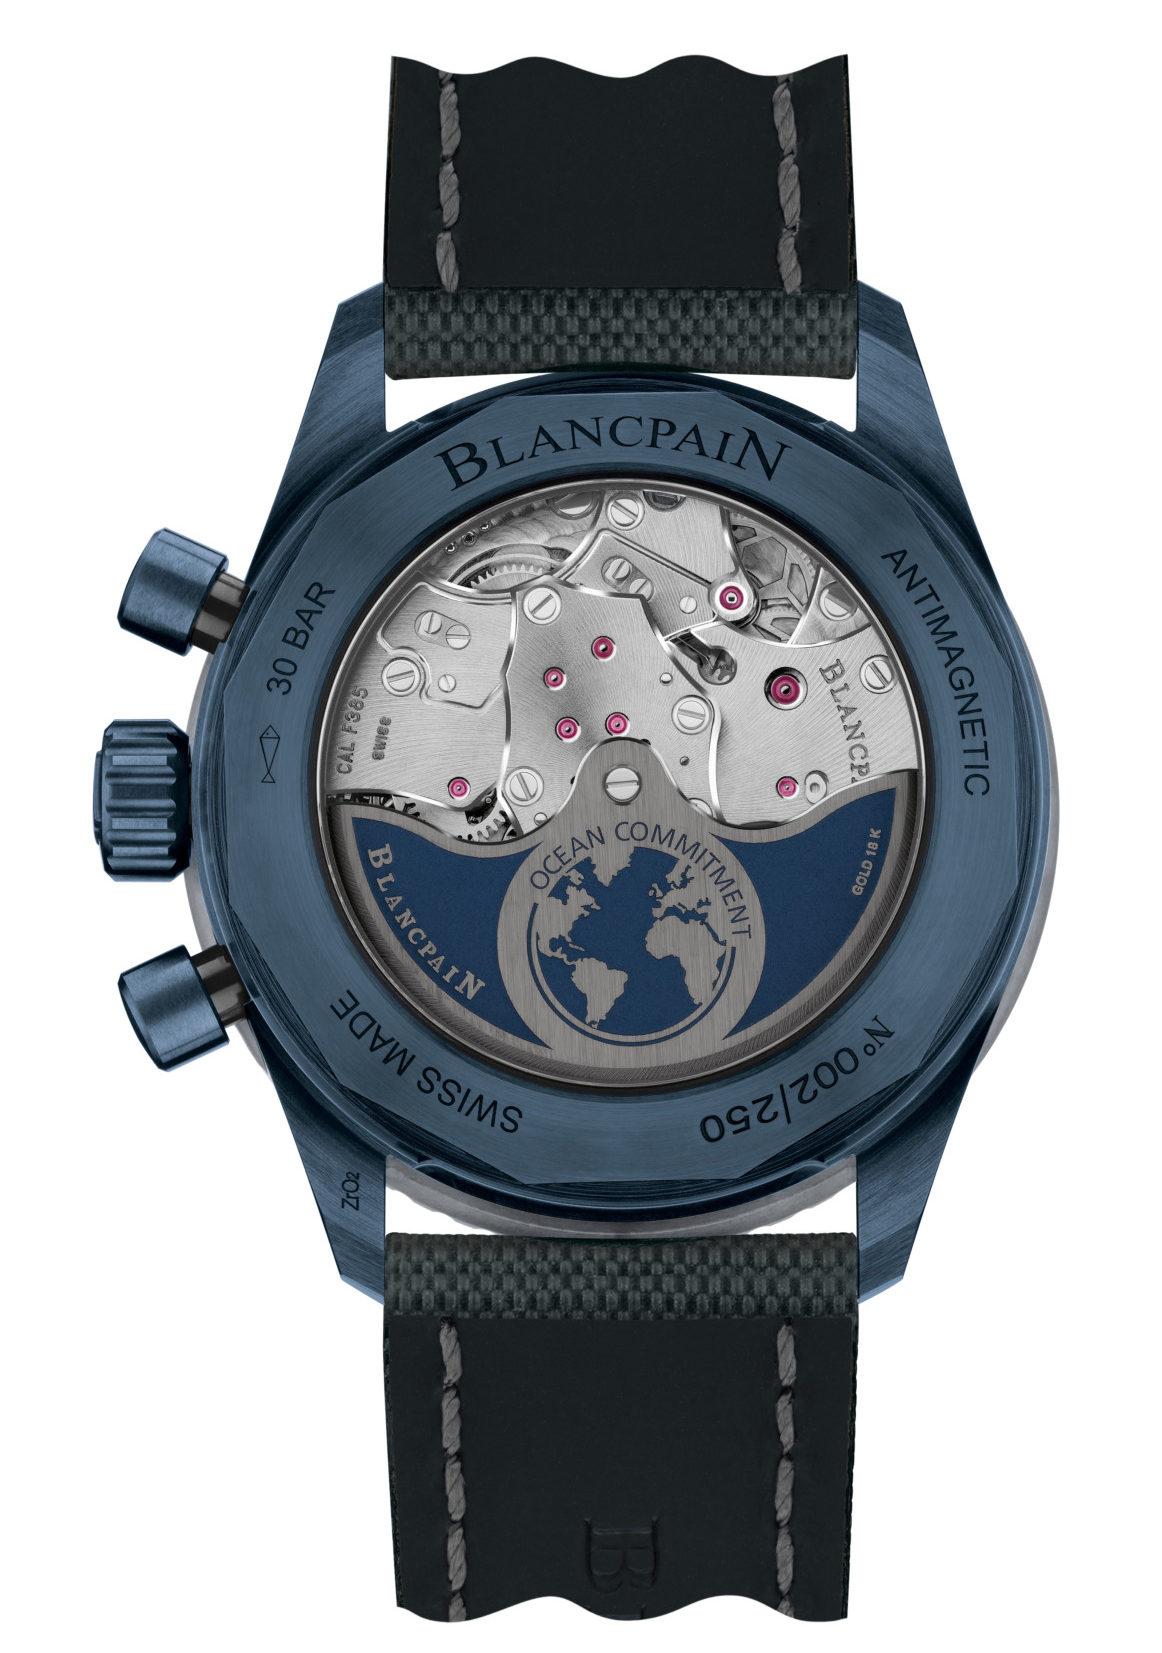 blancpain-bathyscaphe-flyback-chronograph-blancpain-ocean-commitment-ii